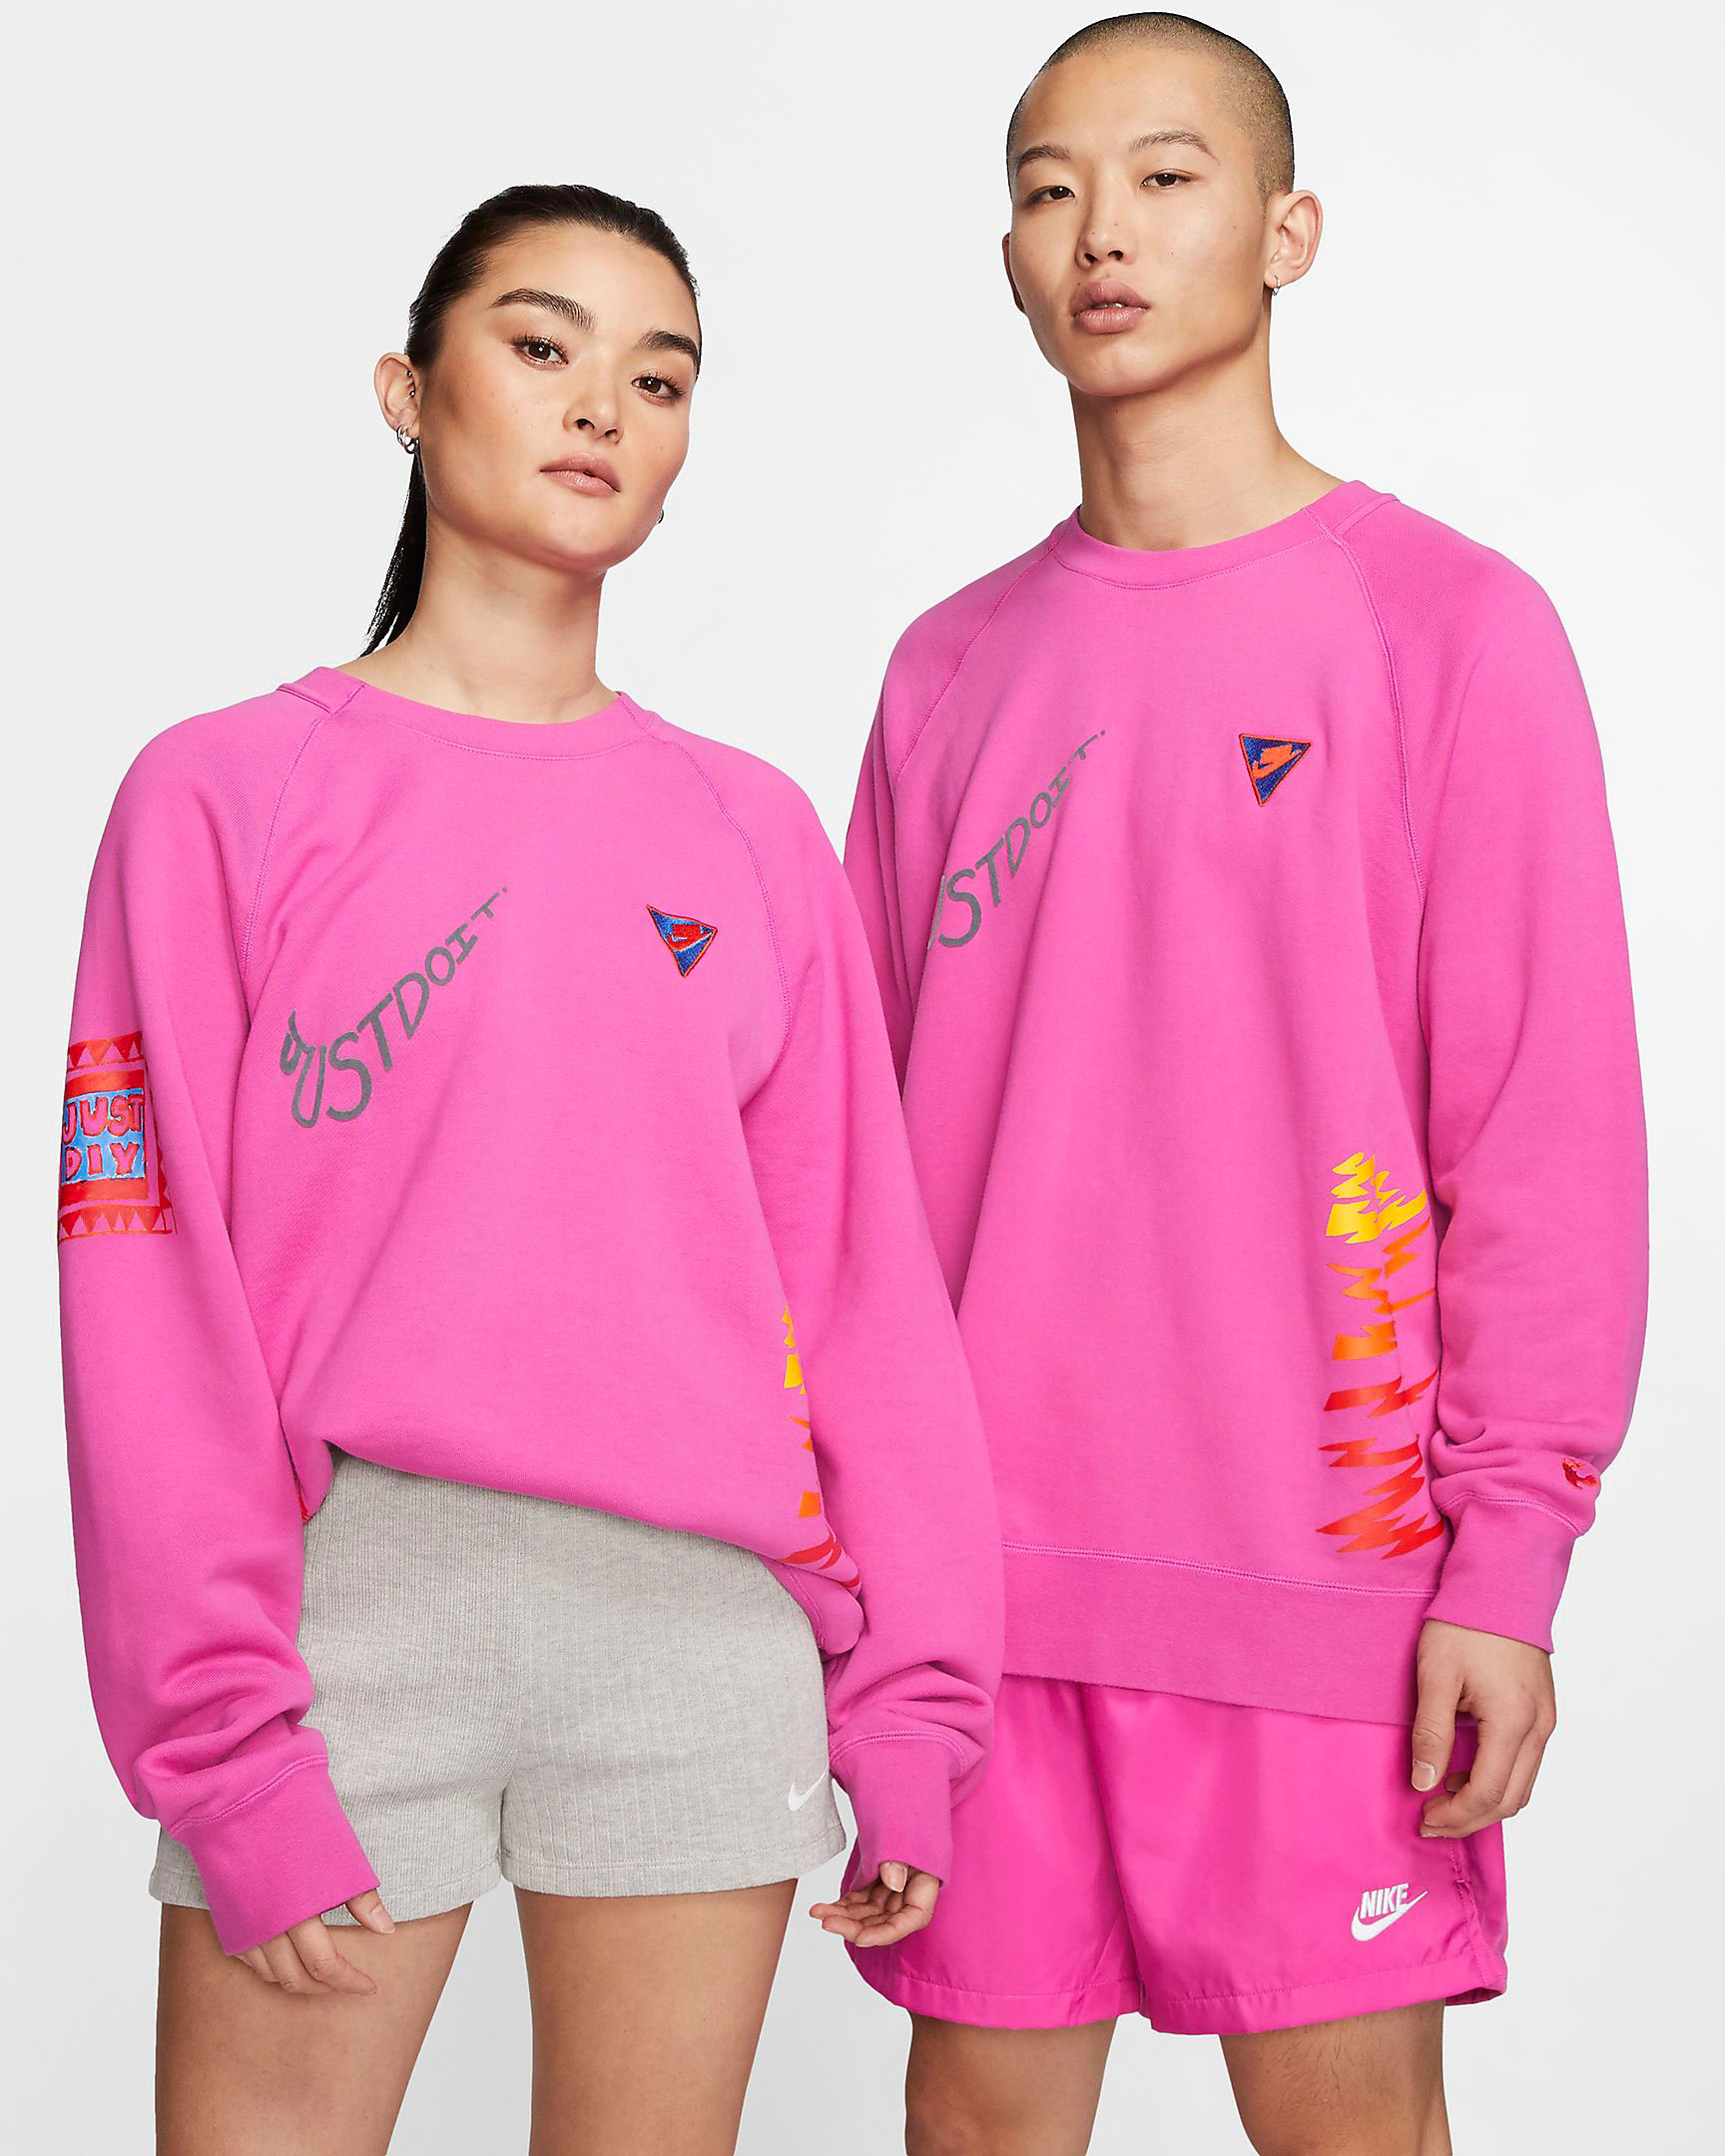 nike-sportswear-nsw-pink-fuschia-crew-1